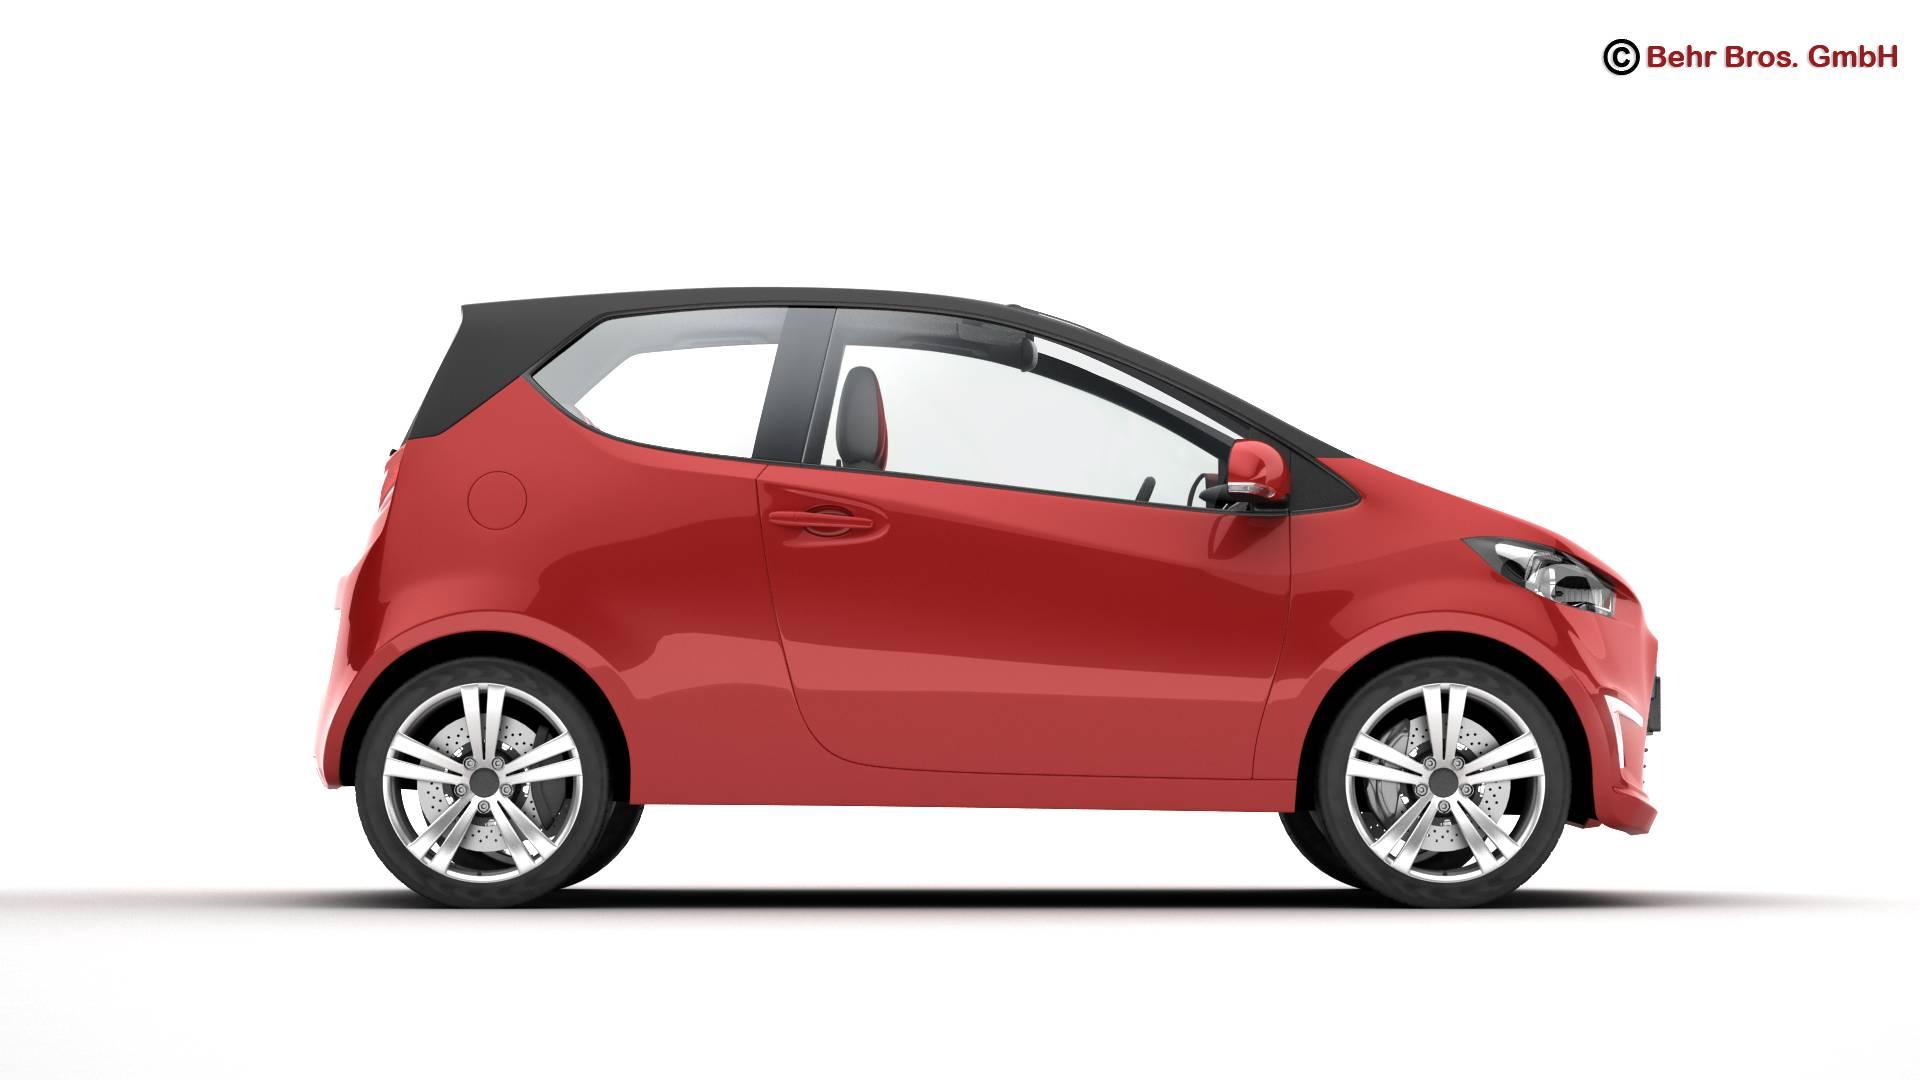 generic city car 3d model 3ds max fbx c4d lwo ma mb obj 209038